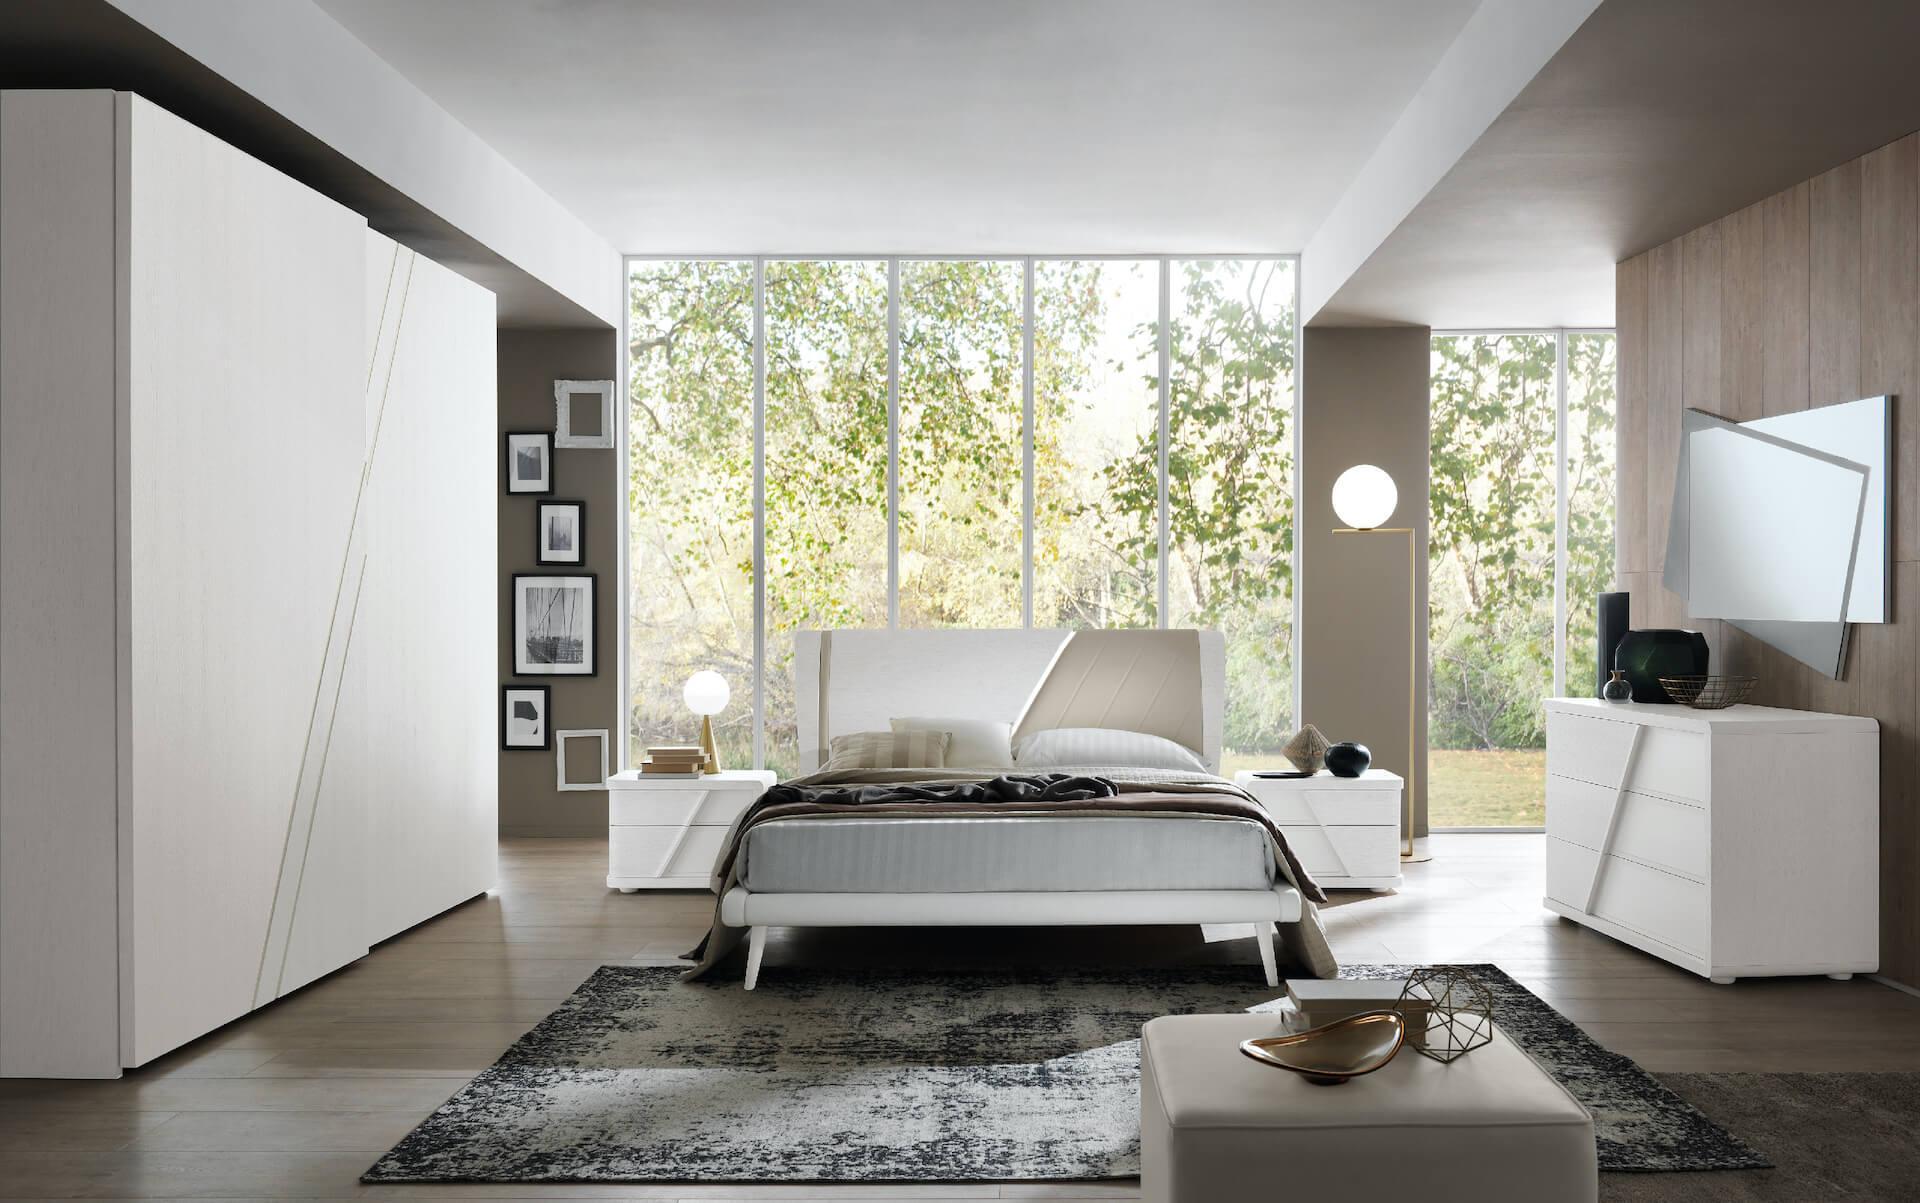 Acquista un camera e ricevi un letto in omaggio!!!